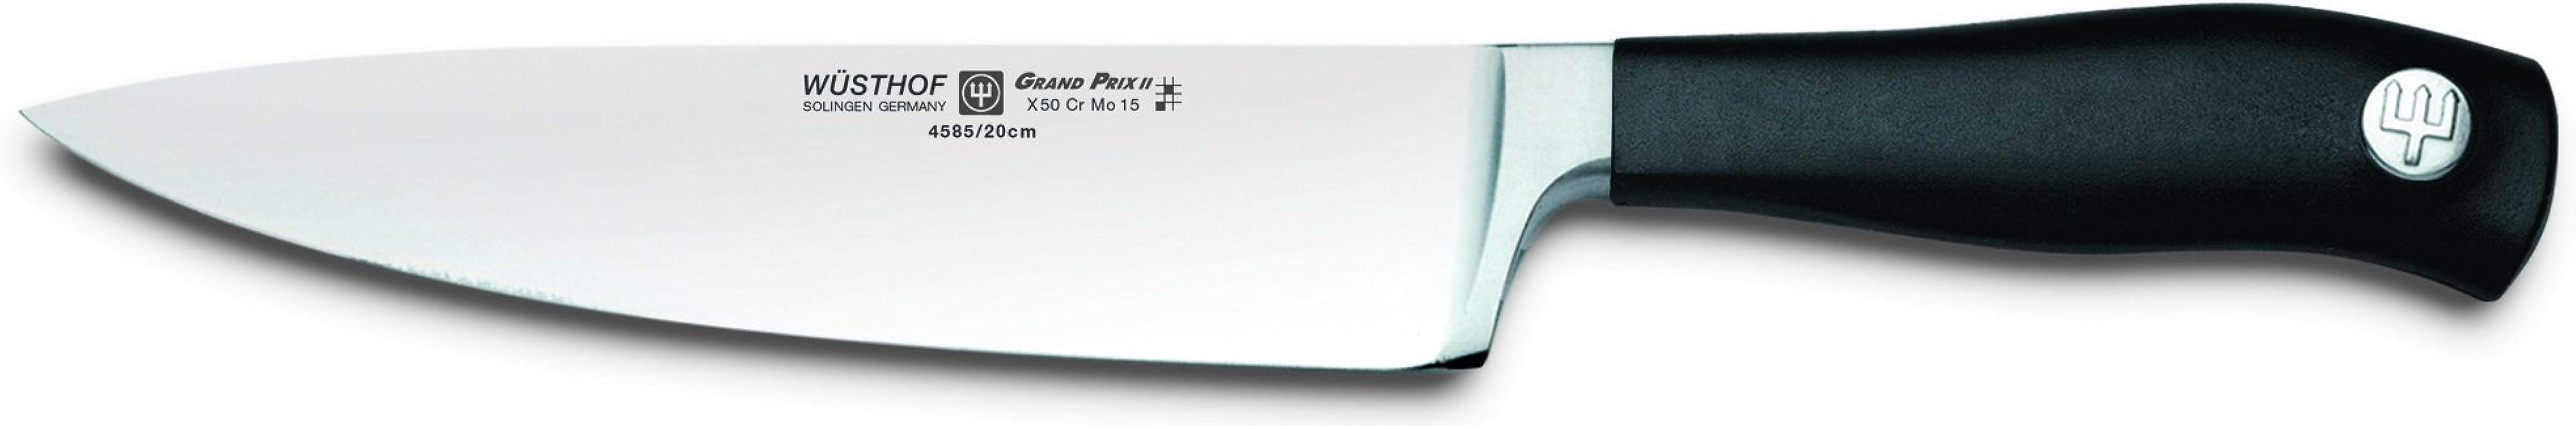 Wusthof Grand Prix II Cook S Knife 8 Inch